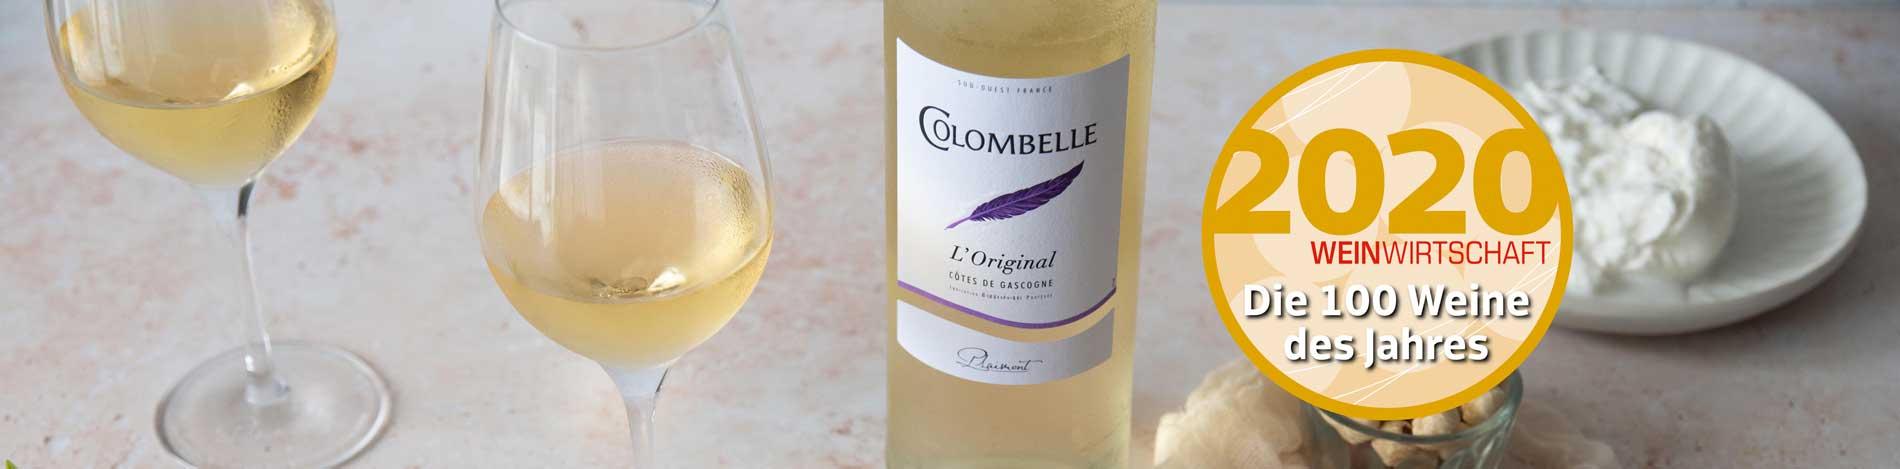 Colombelle L'Original 2019, meilleur vin blanc français 2020 d'après Weinwirtschaft